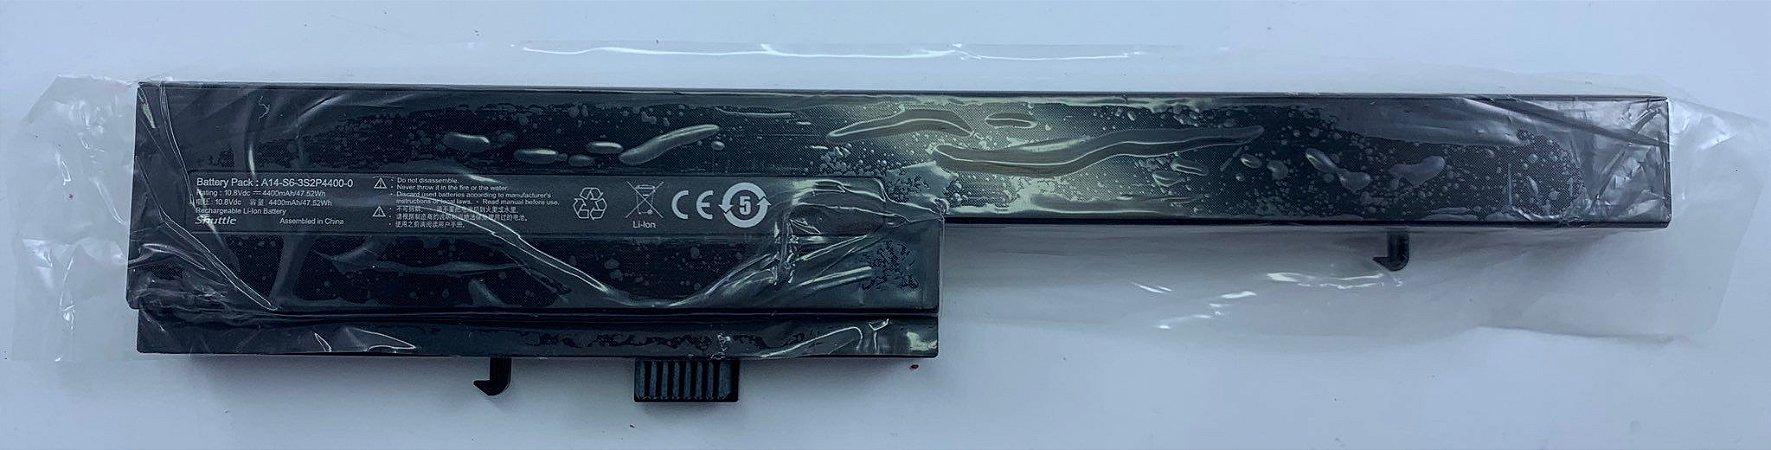 Bateria A14 56 352 P4400 -0 Para Notebook Positivo Sim 490dc